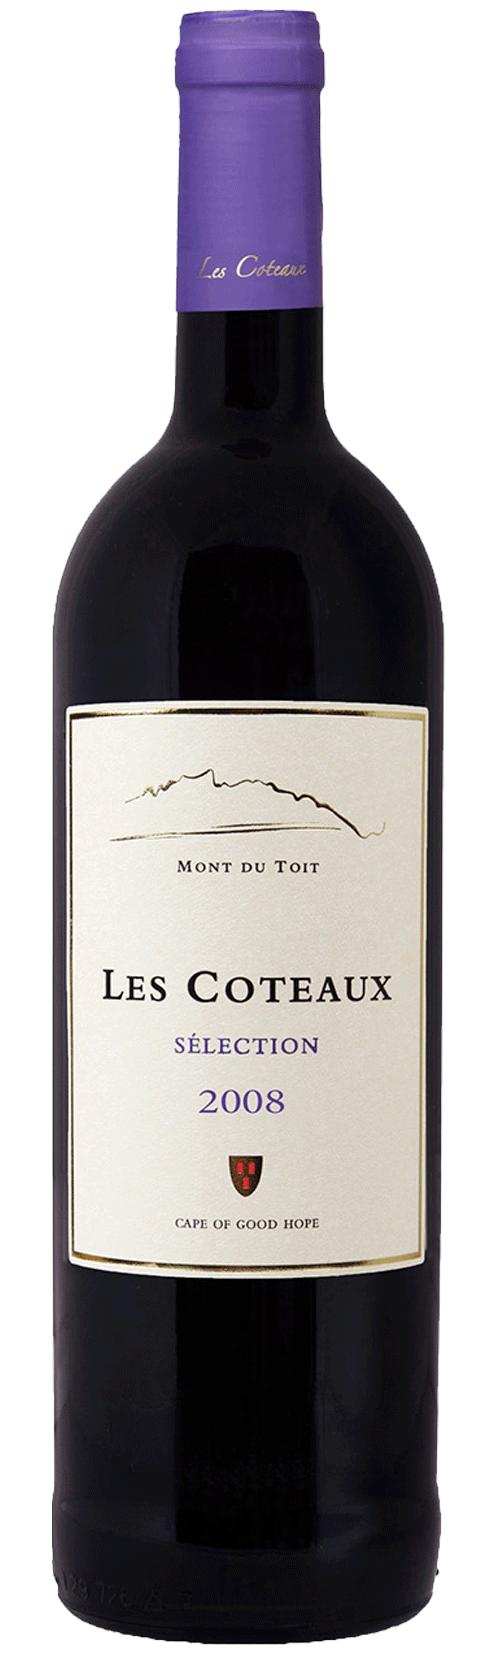 Les Coteaux Selection 2008